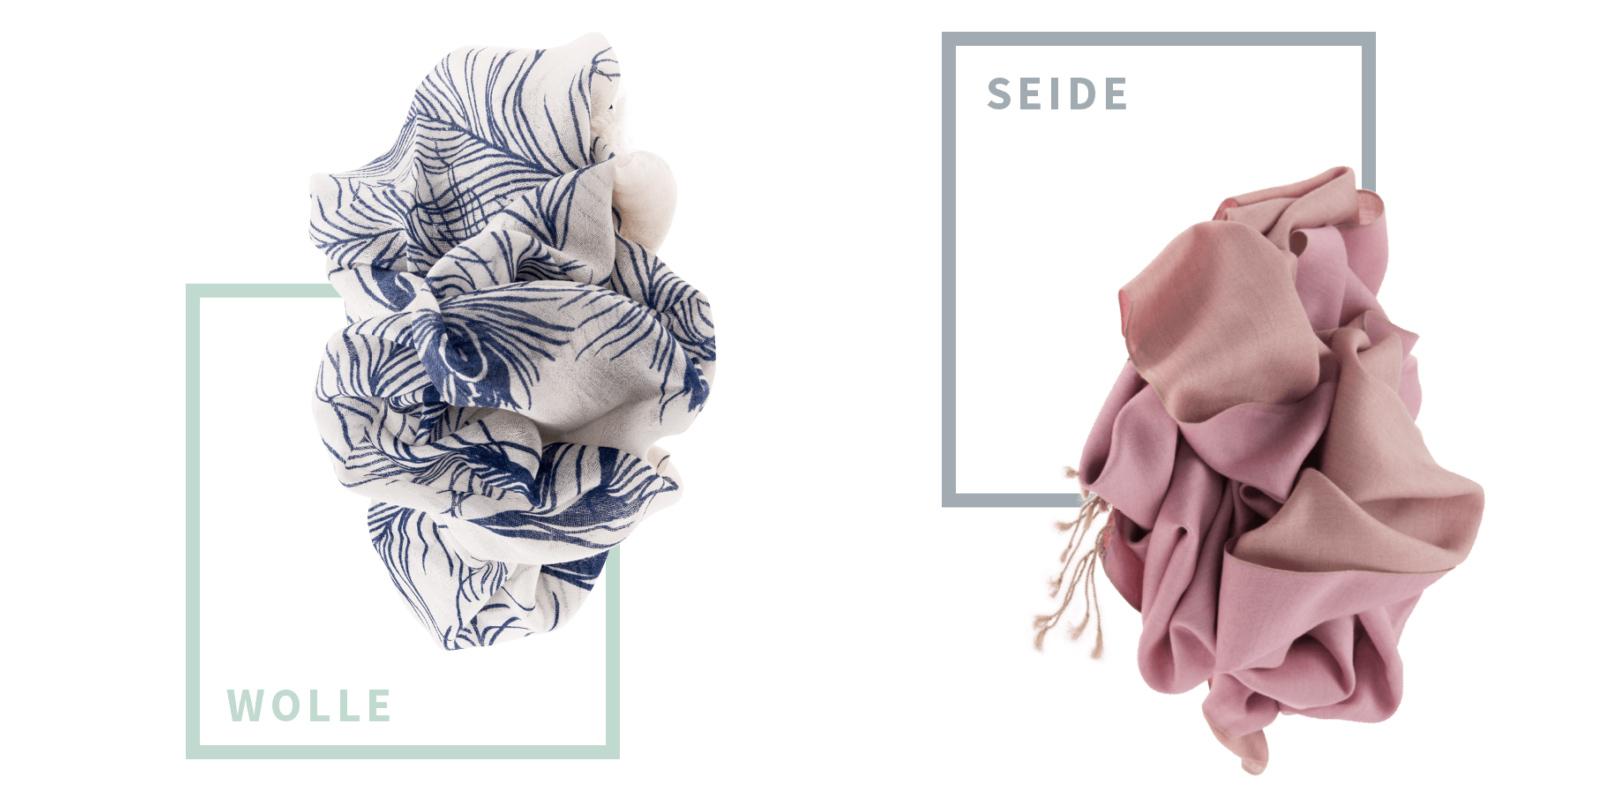 Die Schals werden aus Naturmaterialien wie Wolle und Seide hergestellt